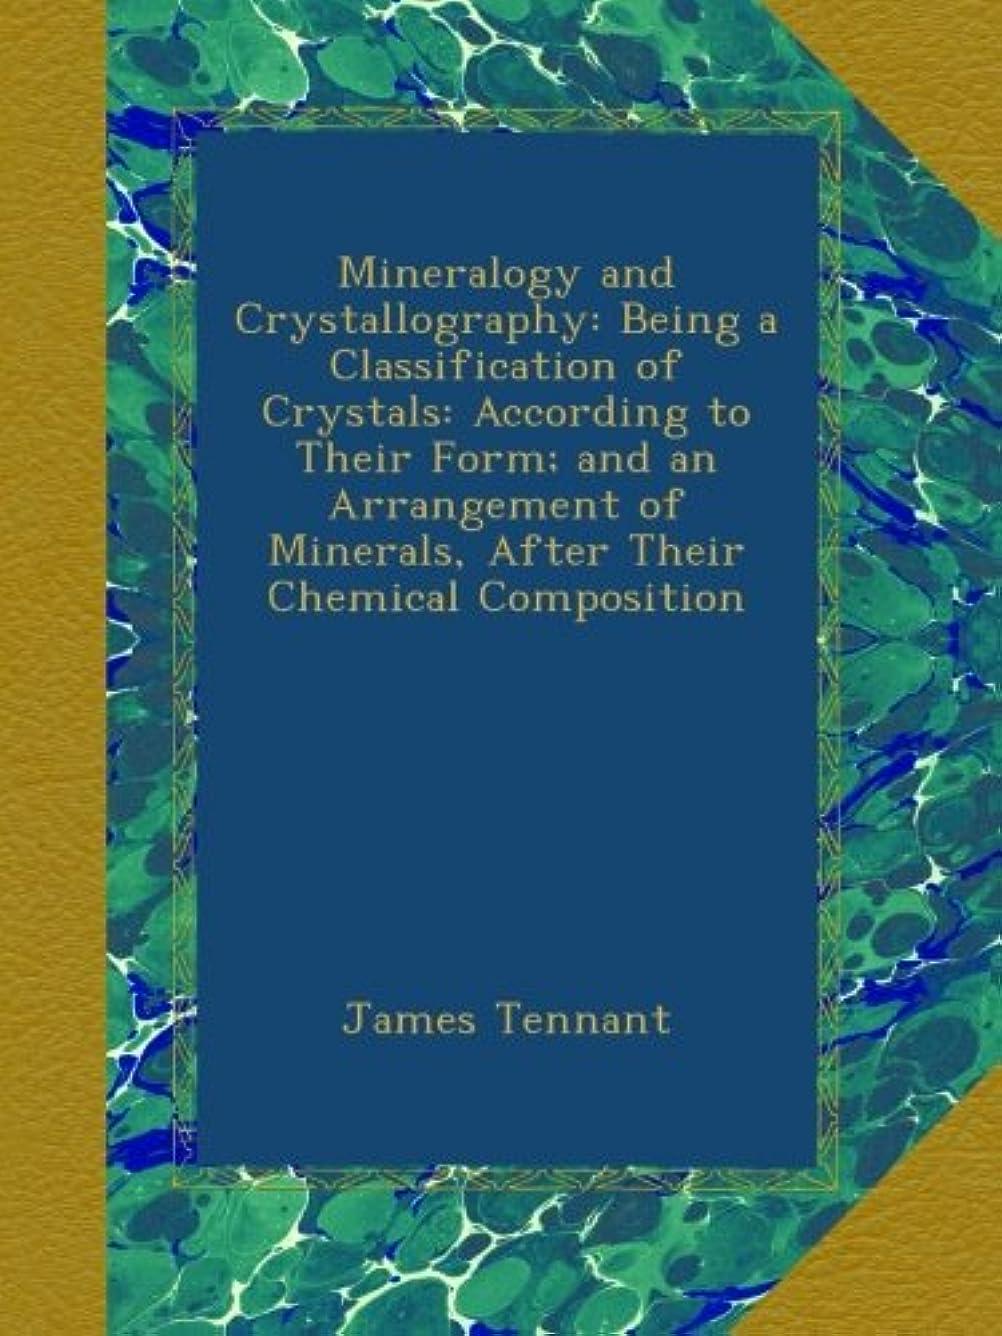 餌表示アスリートMineralogy and Crystallography: Being a Classification of Crystals: According to Their Form; and an Arrangement of Minerals, After Their Chemical Composition